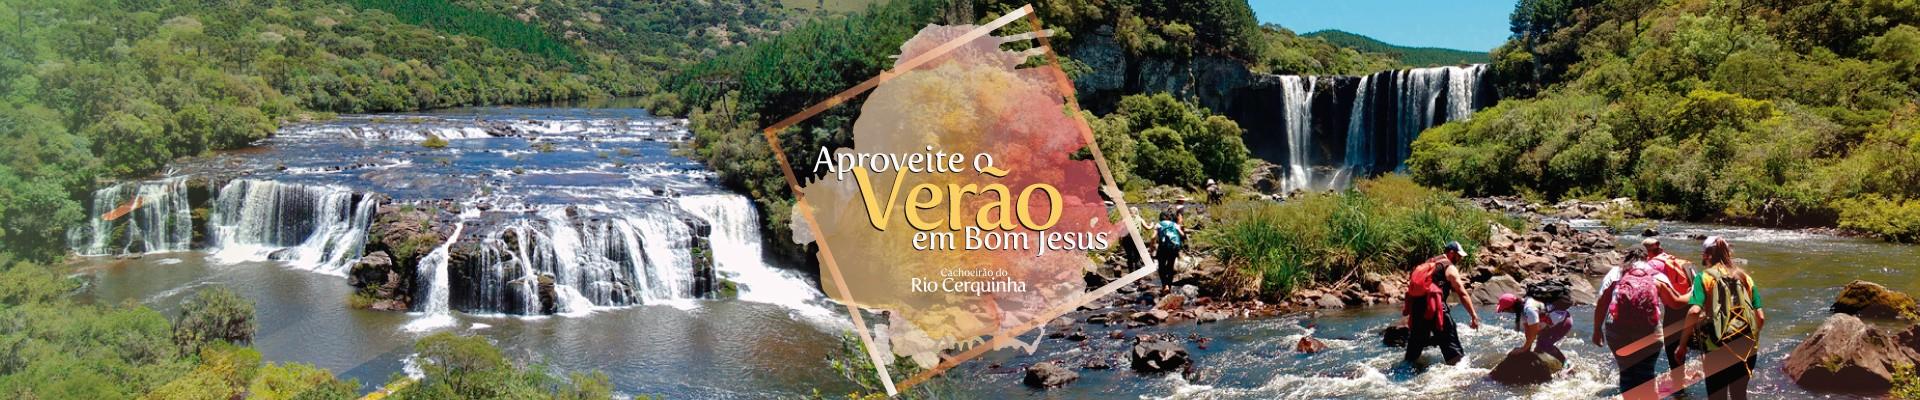 Banner 2 - Banner Cerquinha